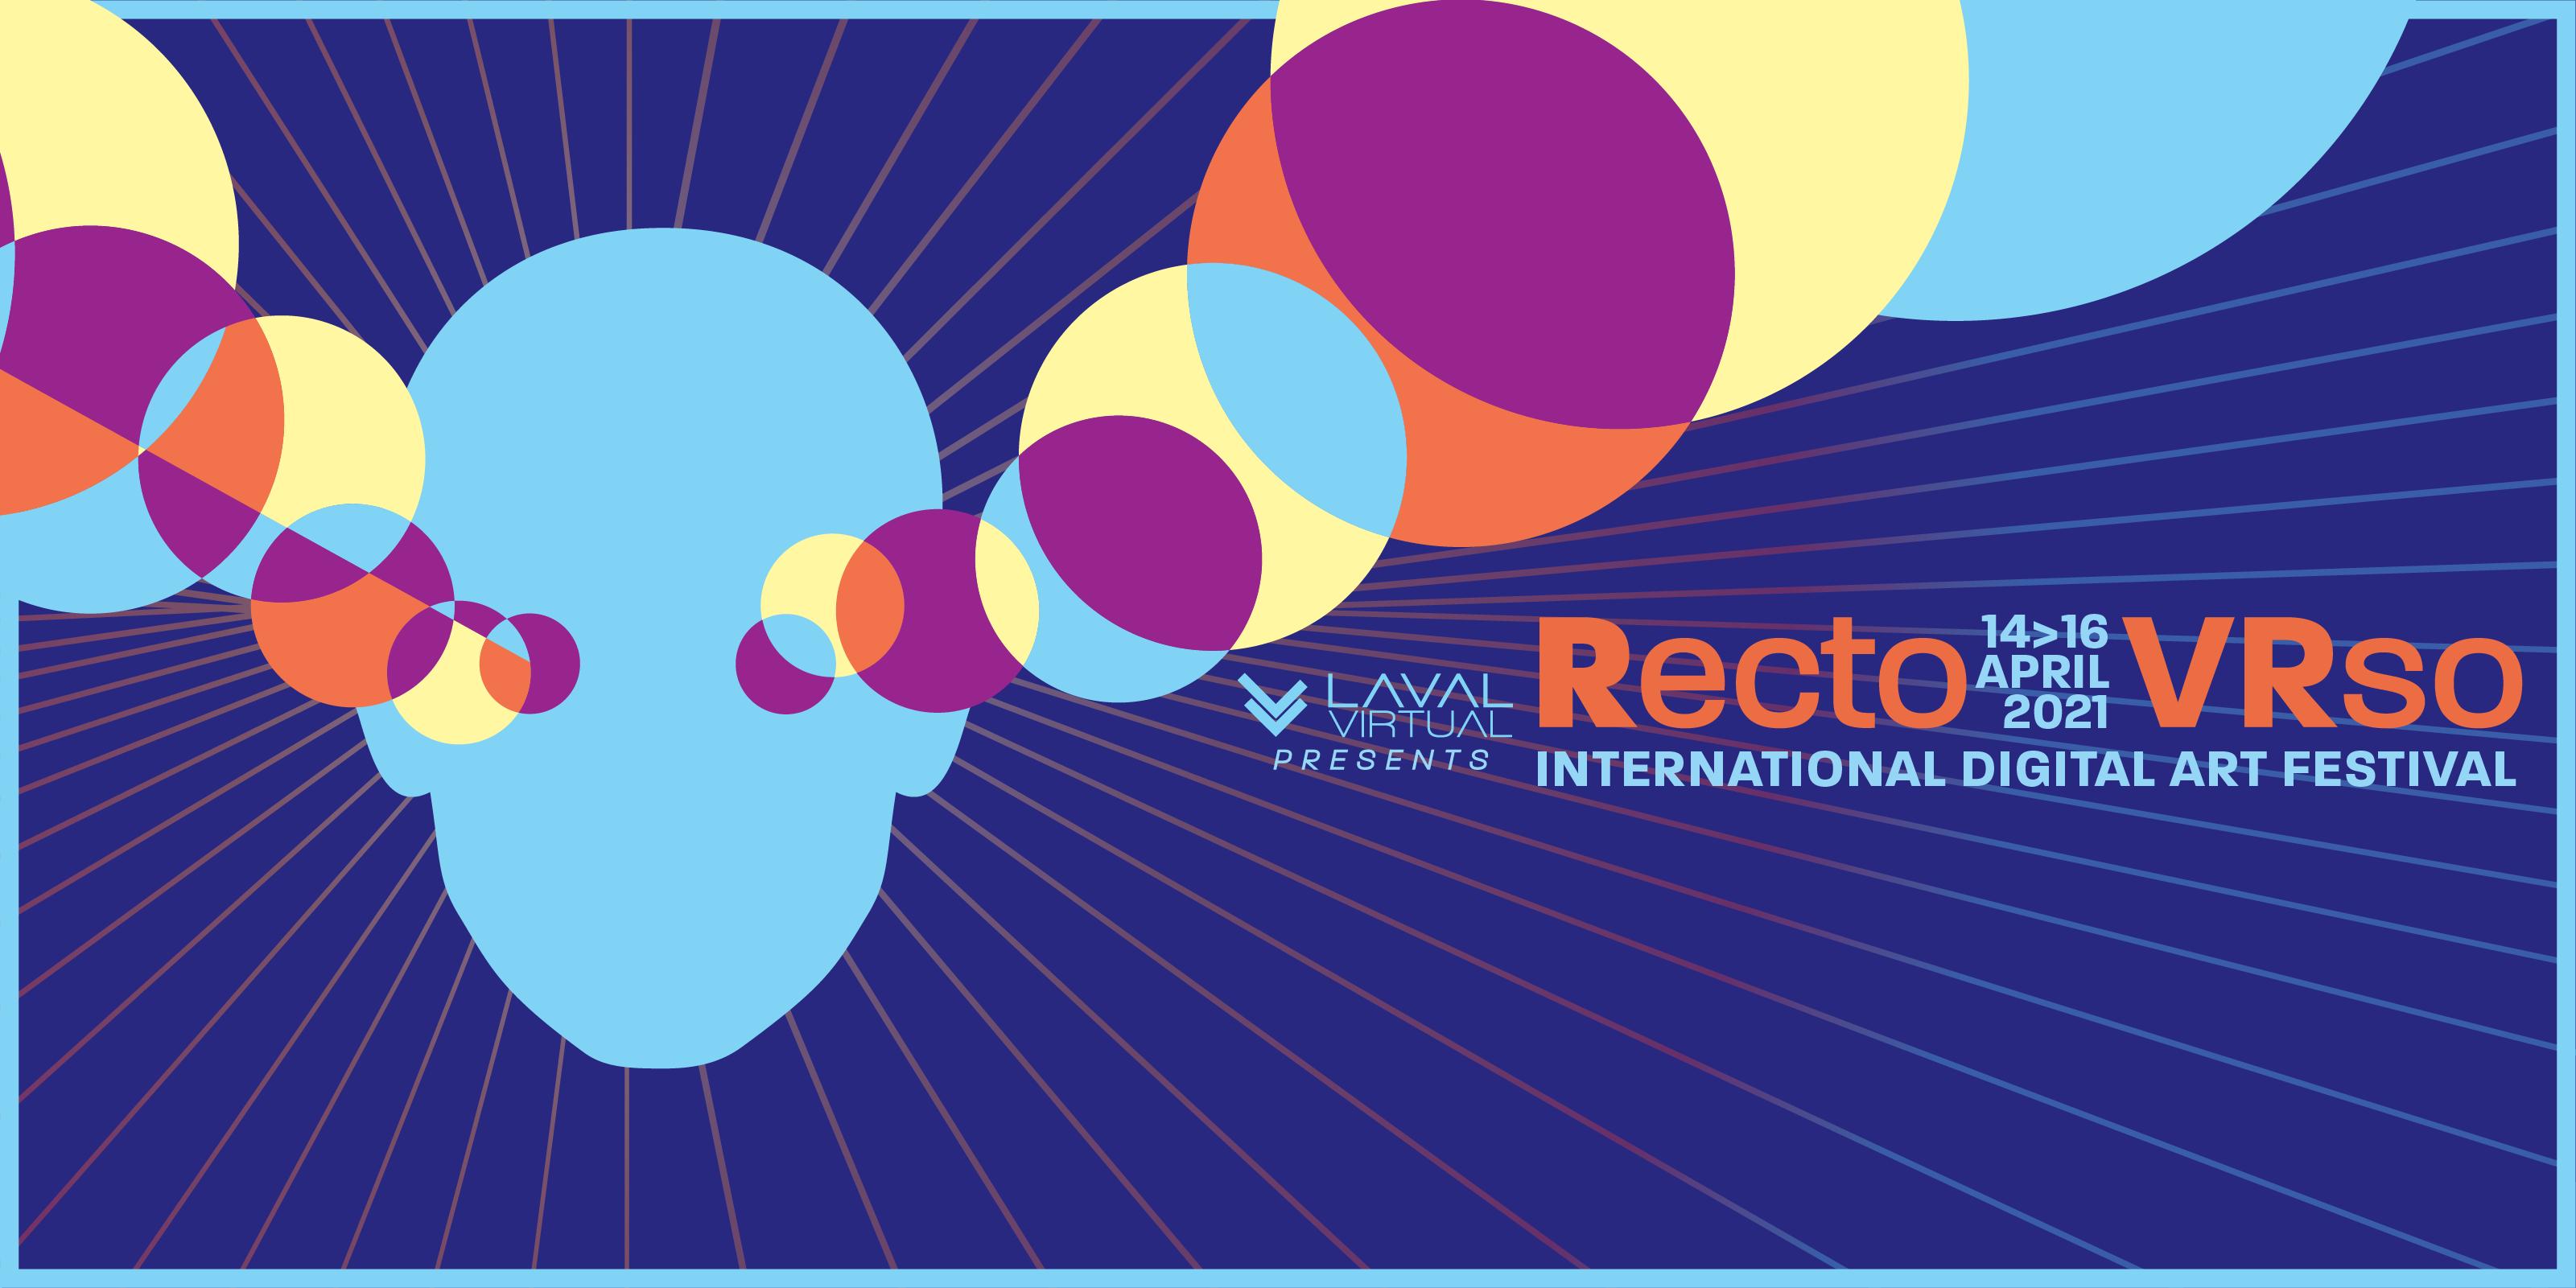 Festival d'art numérique Recto VRso 2021